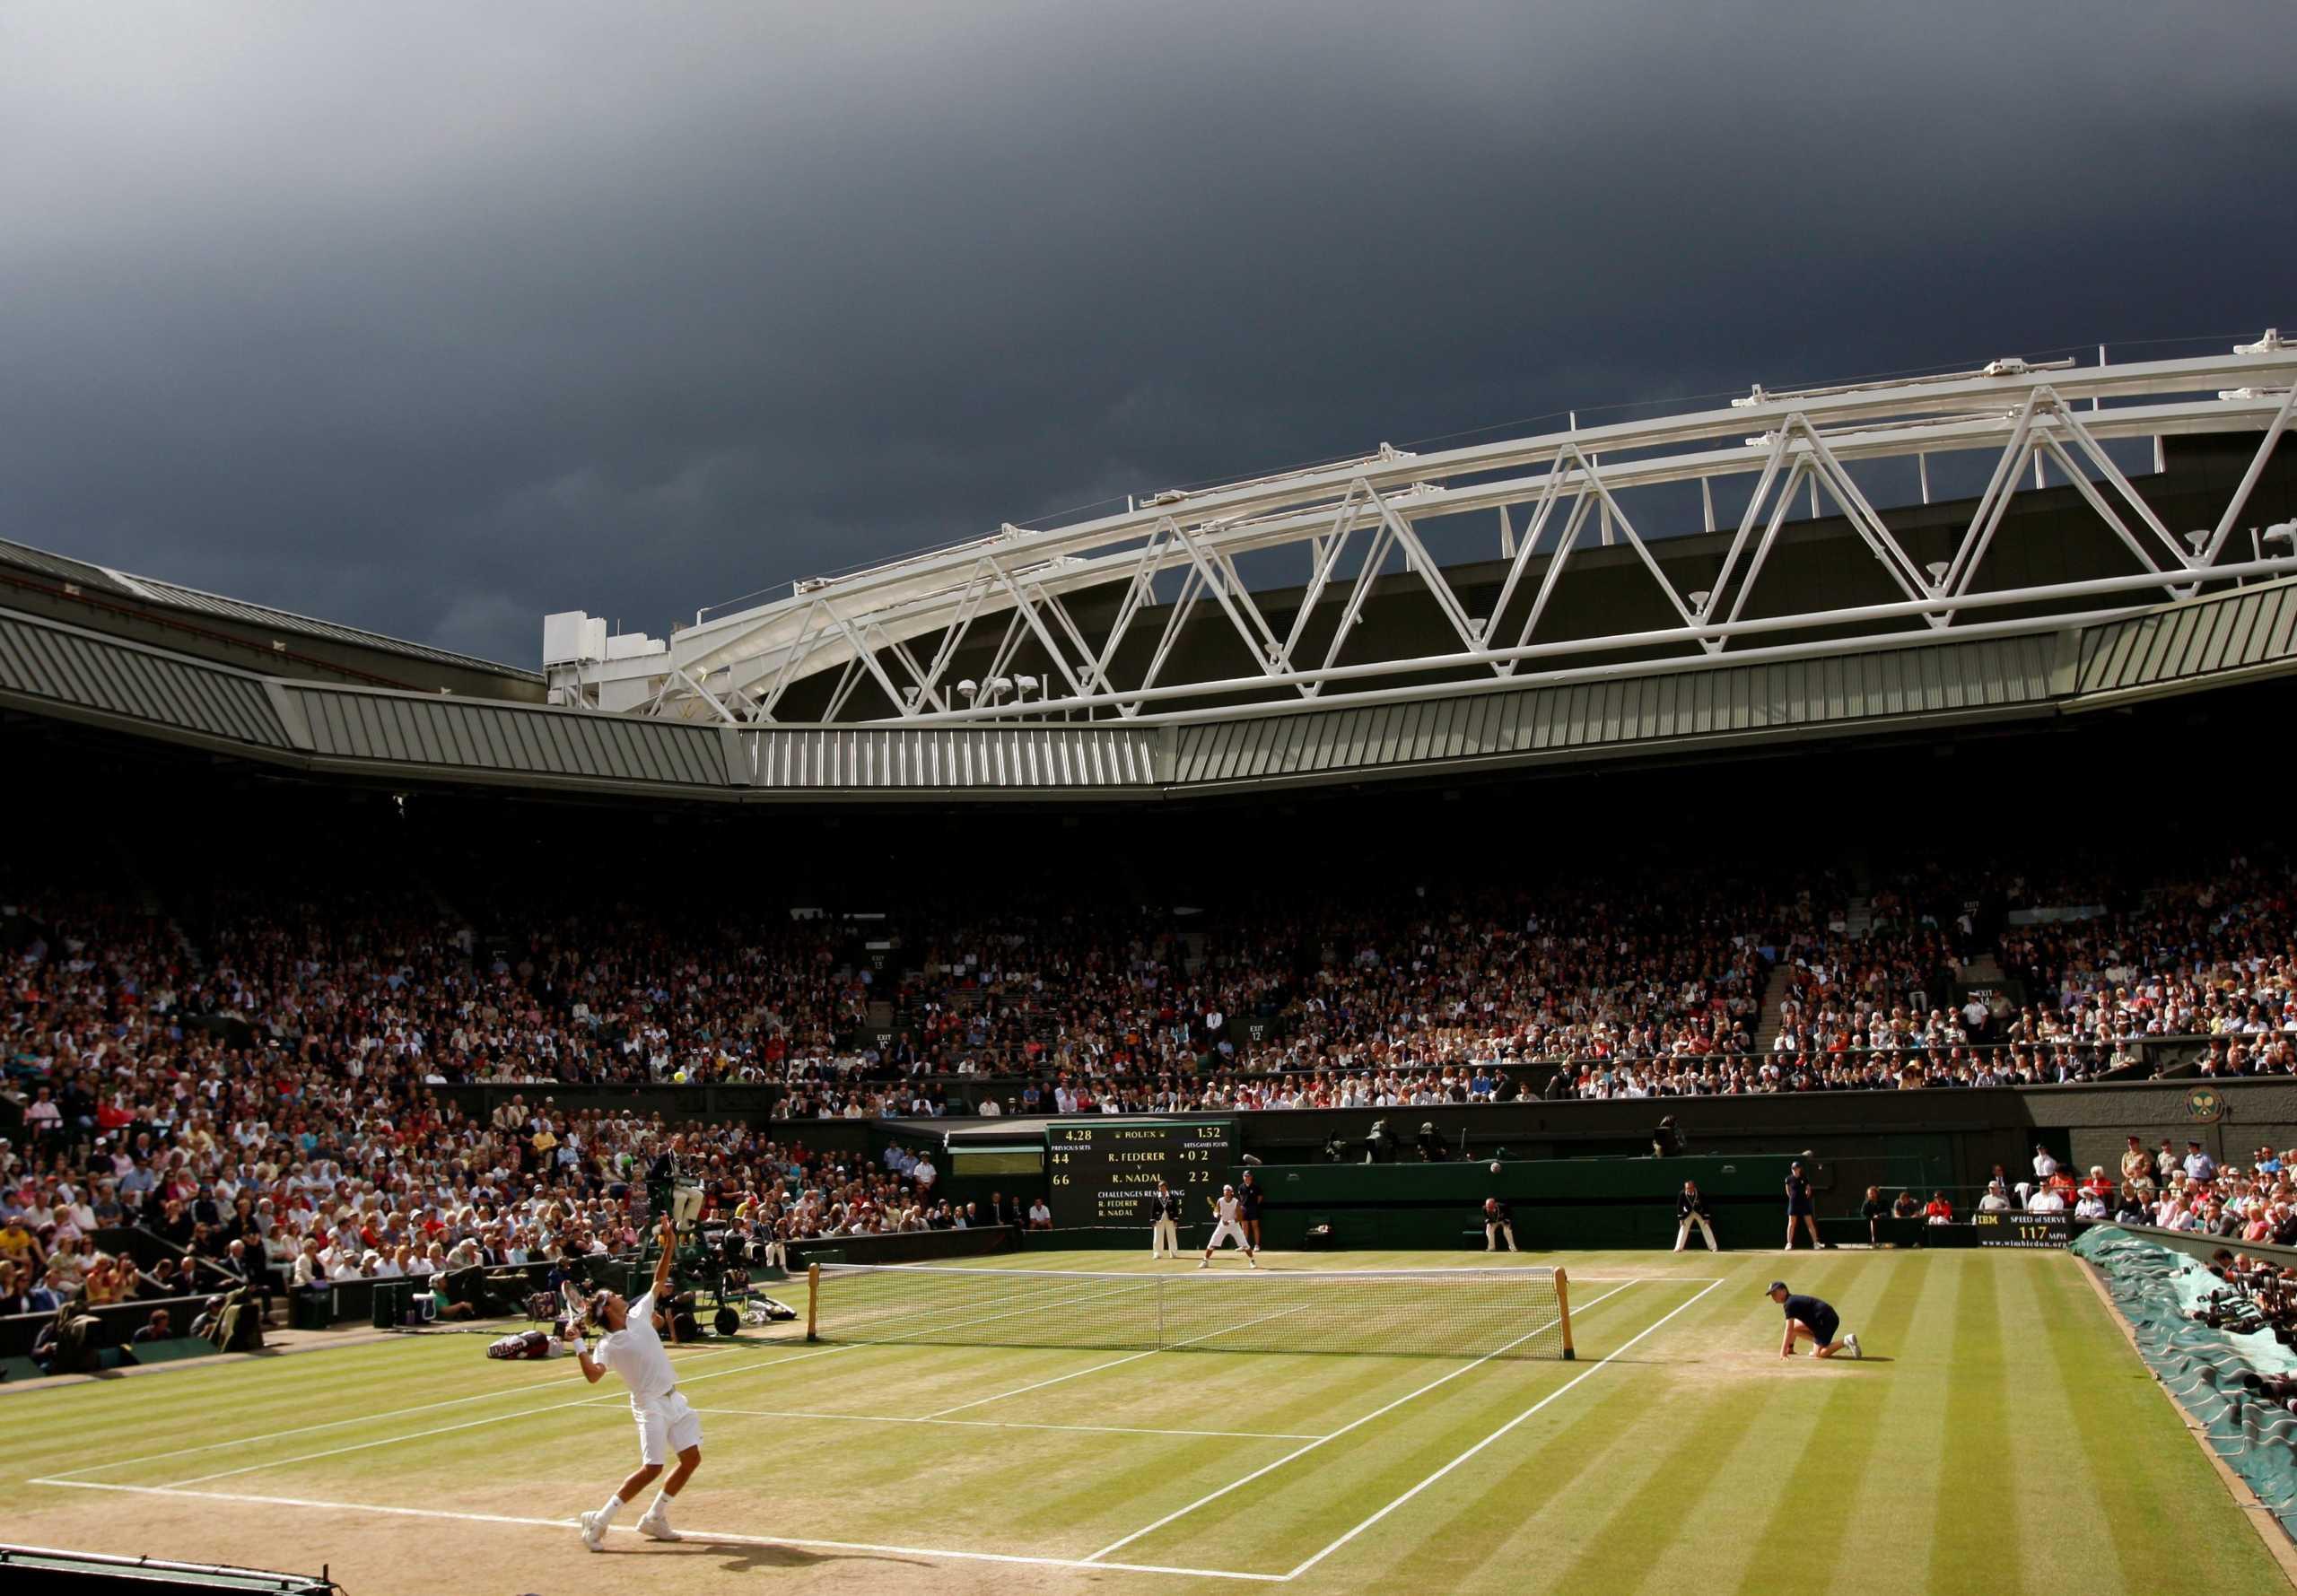 Γουίμπλεντον: 9 πράγματα που δεν γνωρίζατε για το πιο θρυλικό τουρνουά τένις